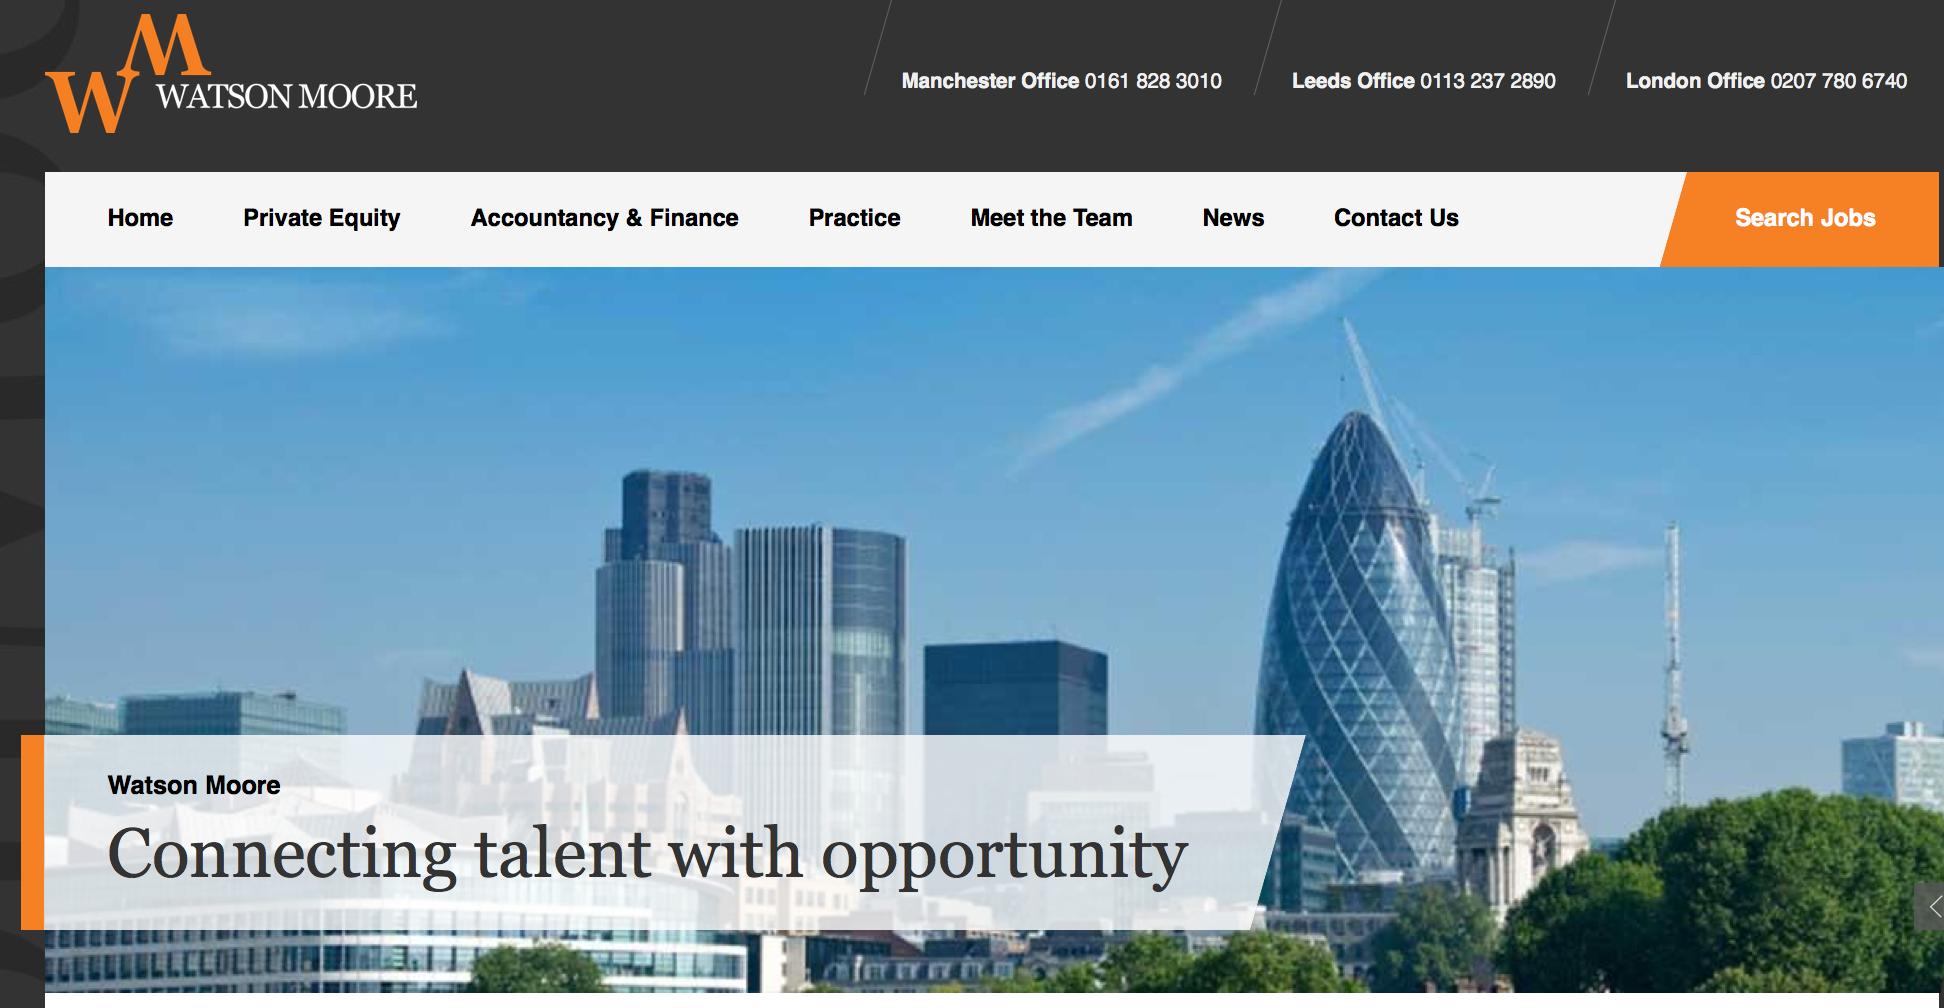 Watson Moore website screenshot